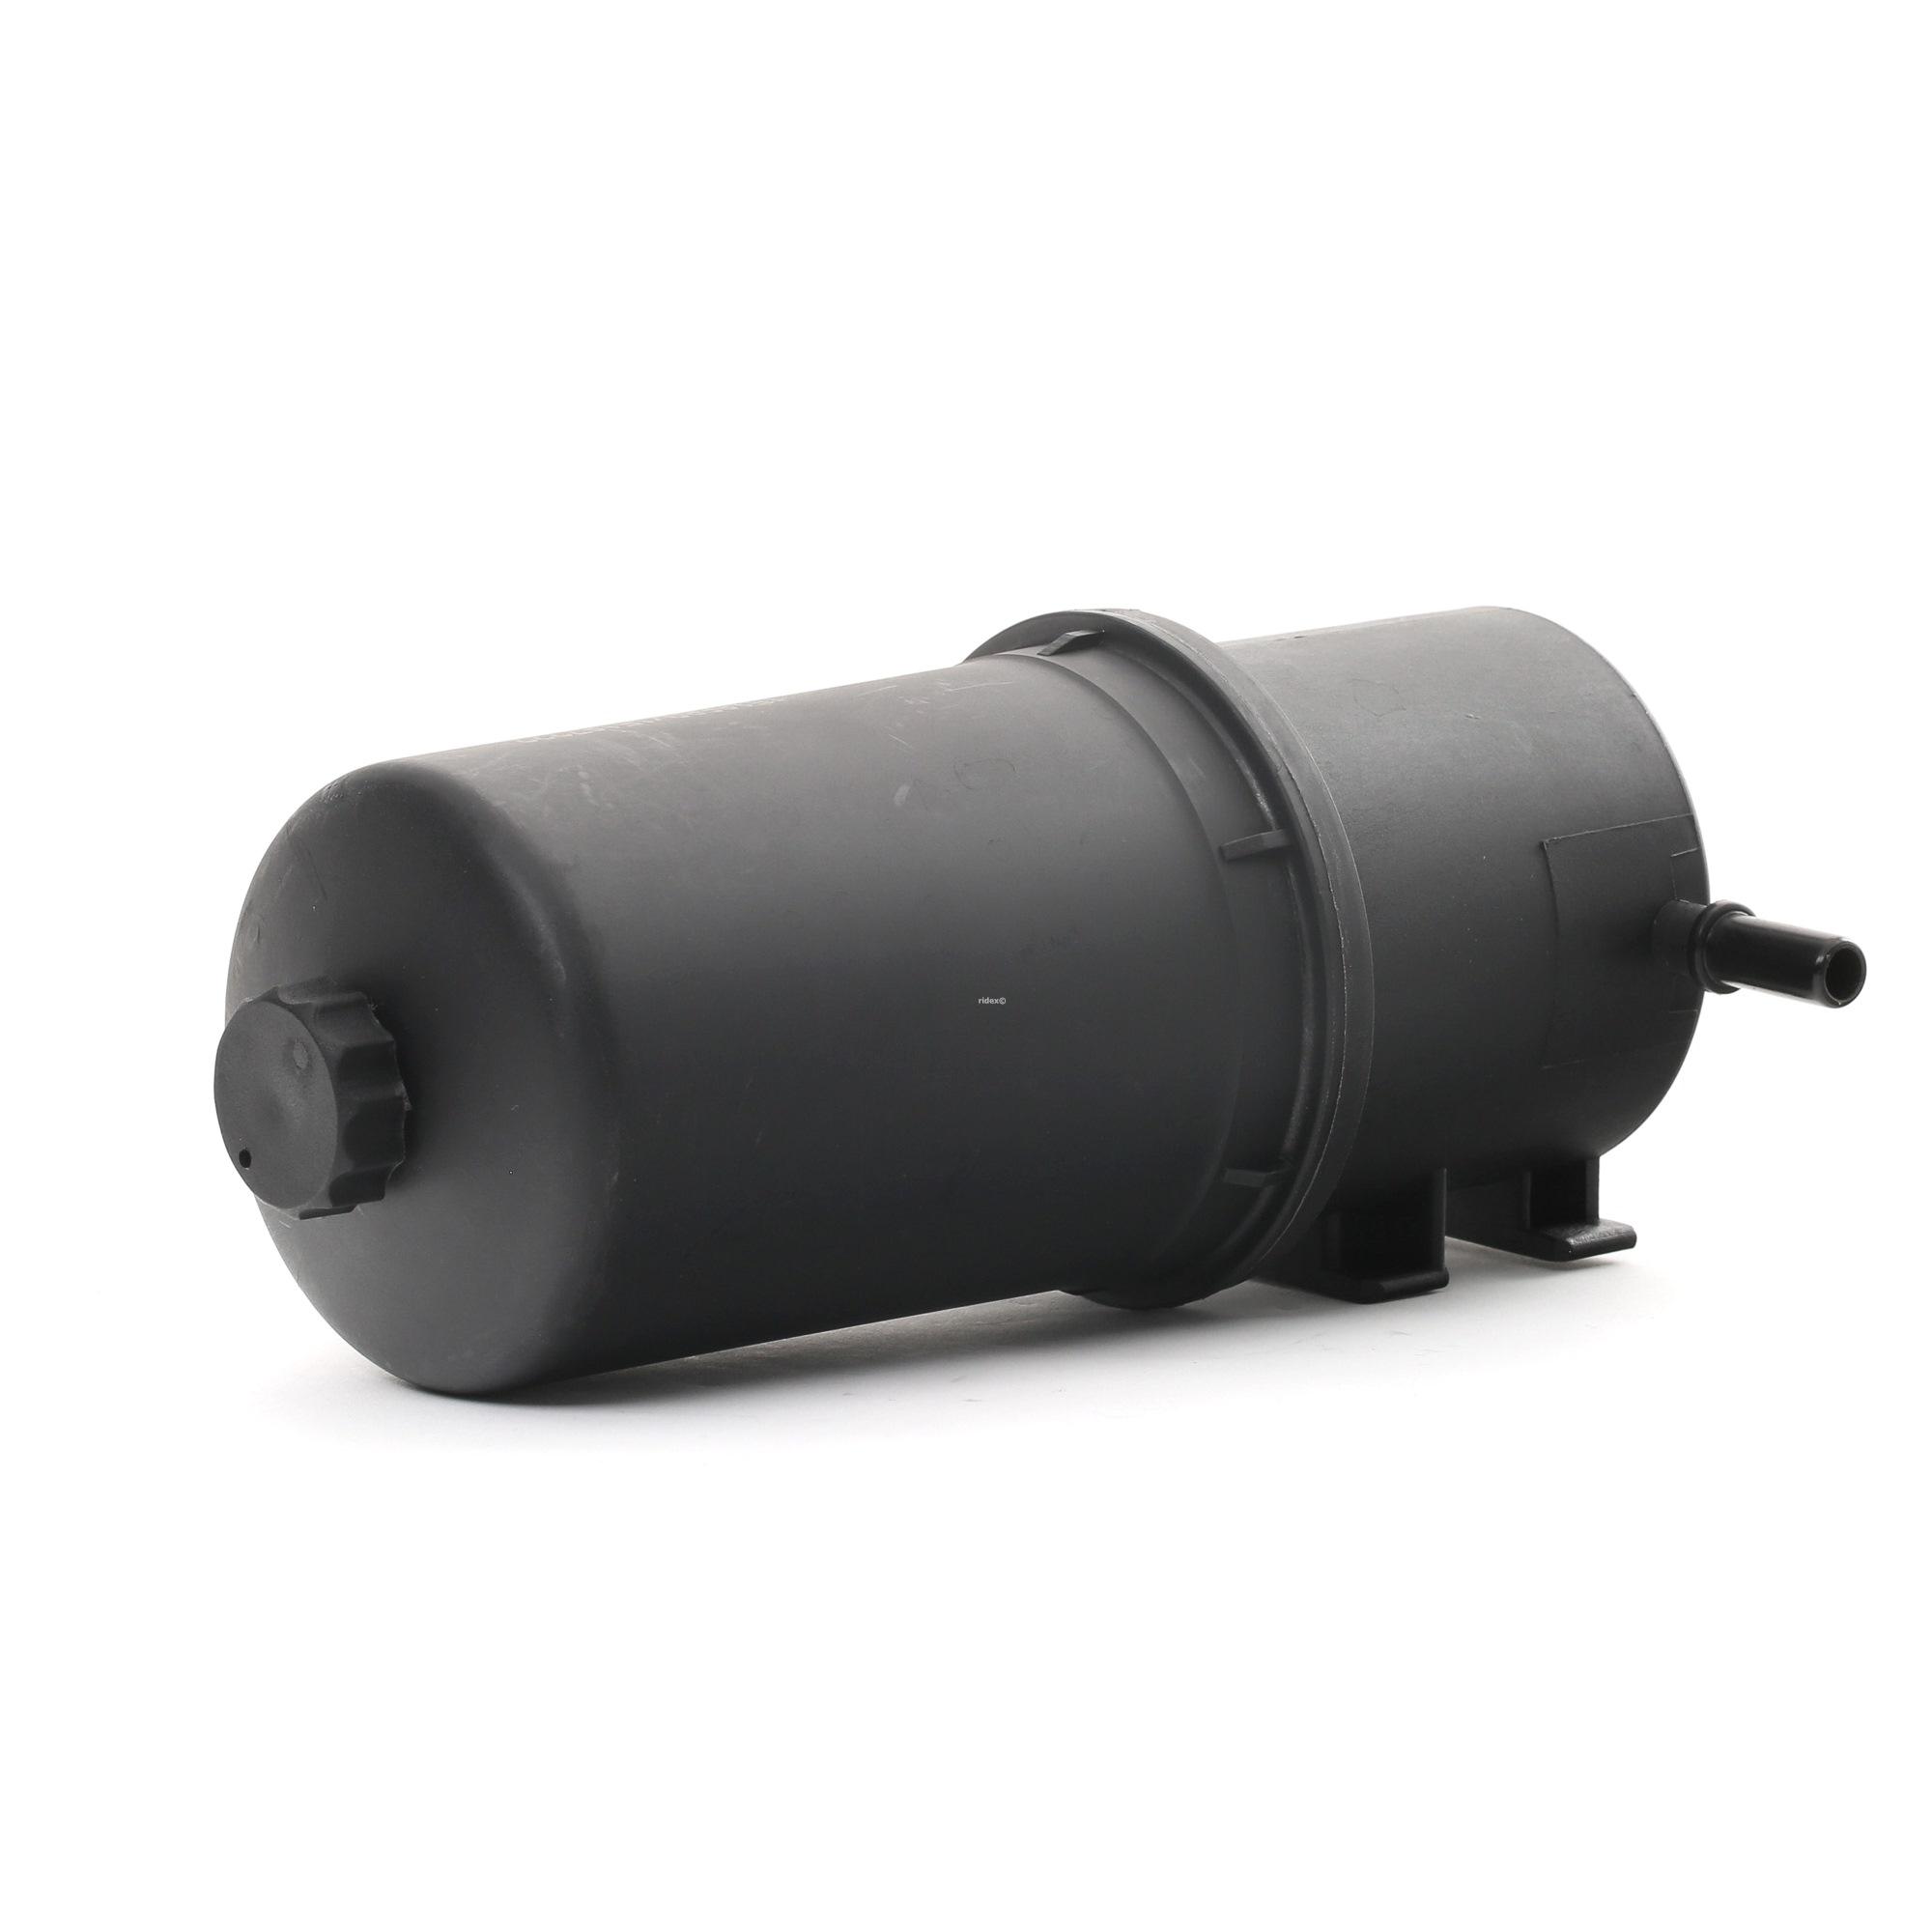 Palivový filtr 9F0282 s vynikajícím poměrem mezi cenou a RIDEX kvalitou